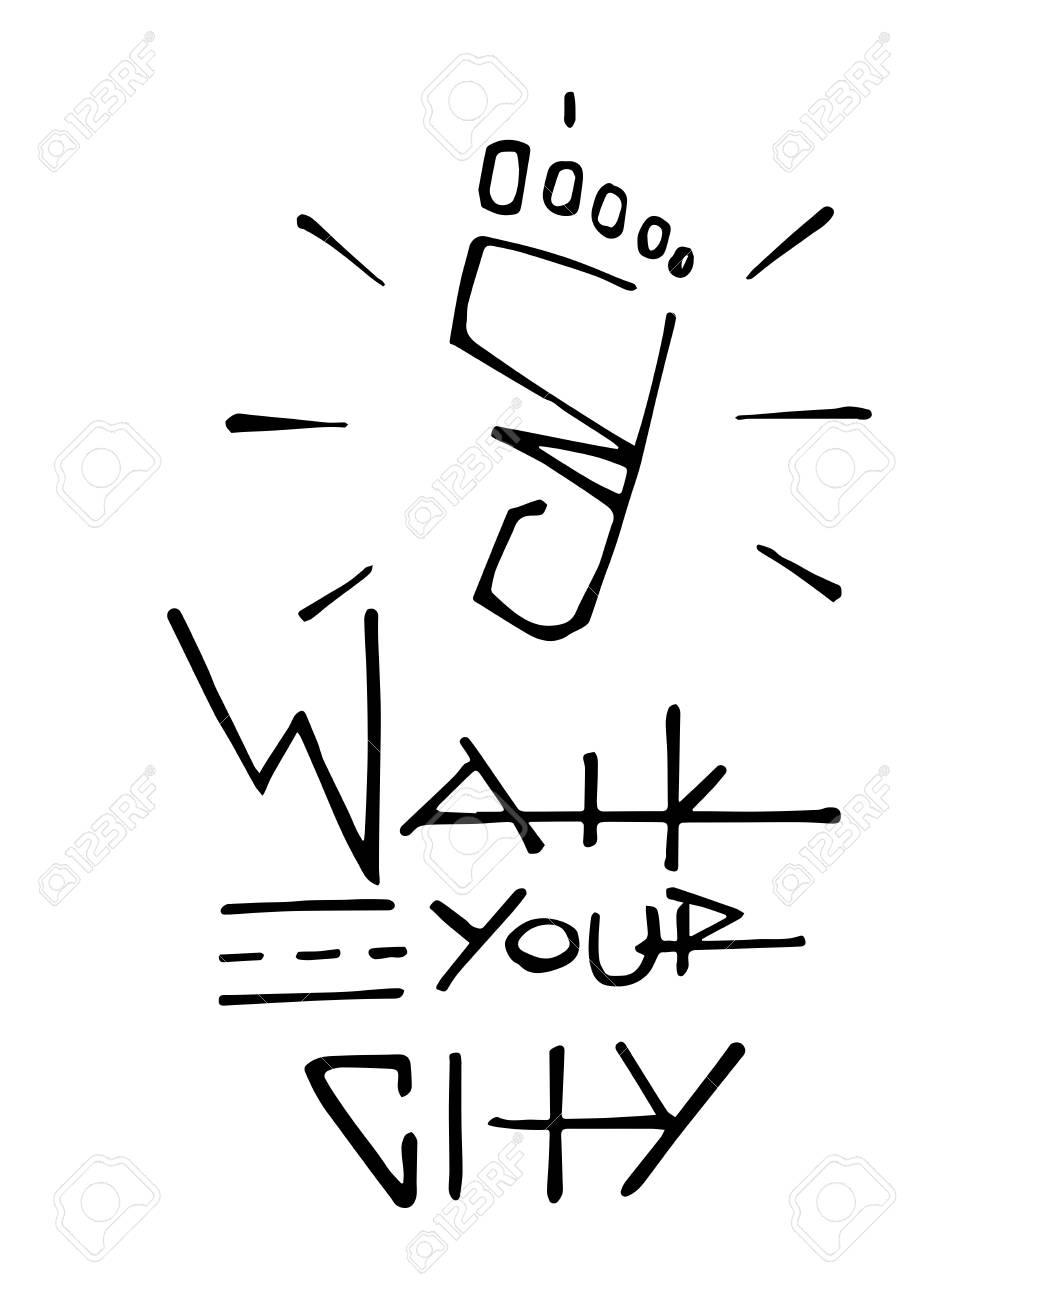 Dessin De Pied Humain illustration vectorielle dessinés à la main ou dessin d'un pied